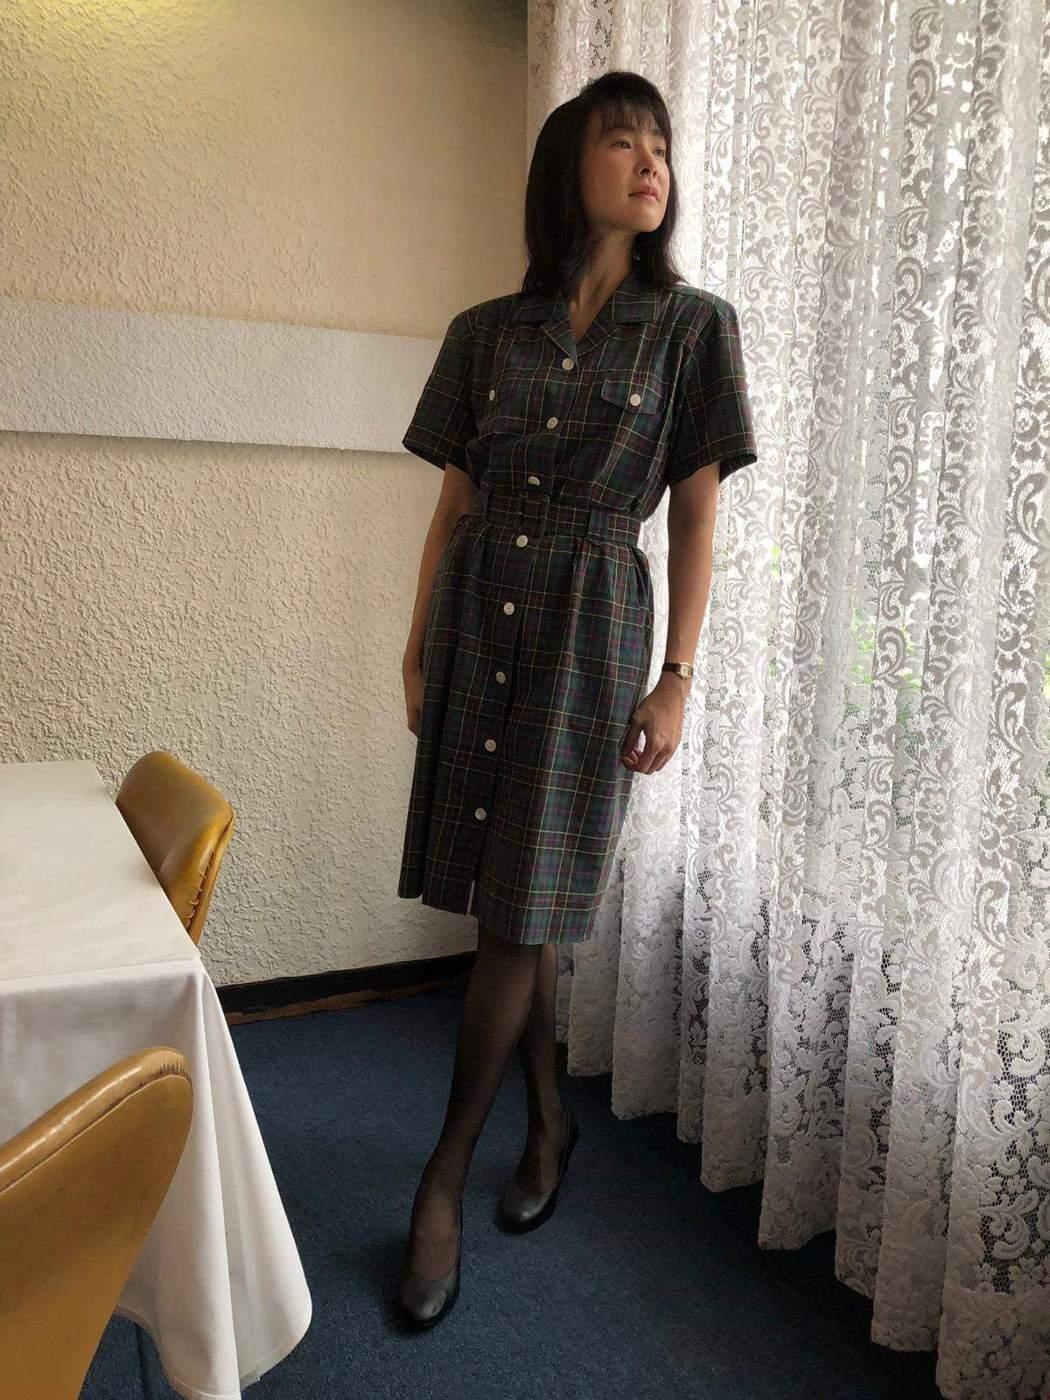 曾珮瑜復古裝扮演出「俗女養成記」。圖/摘自臉書